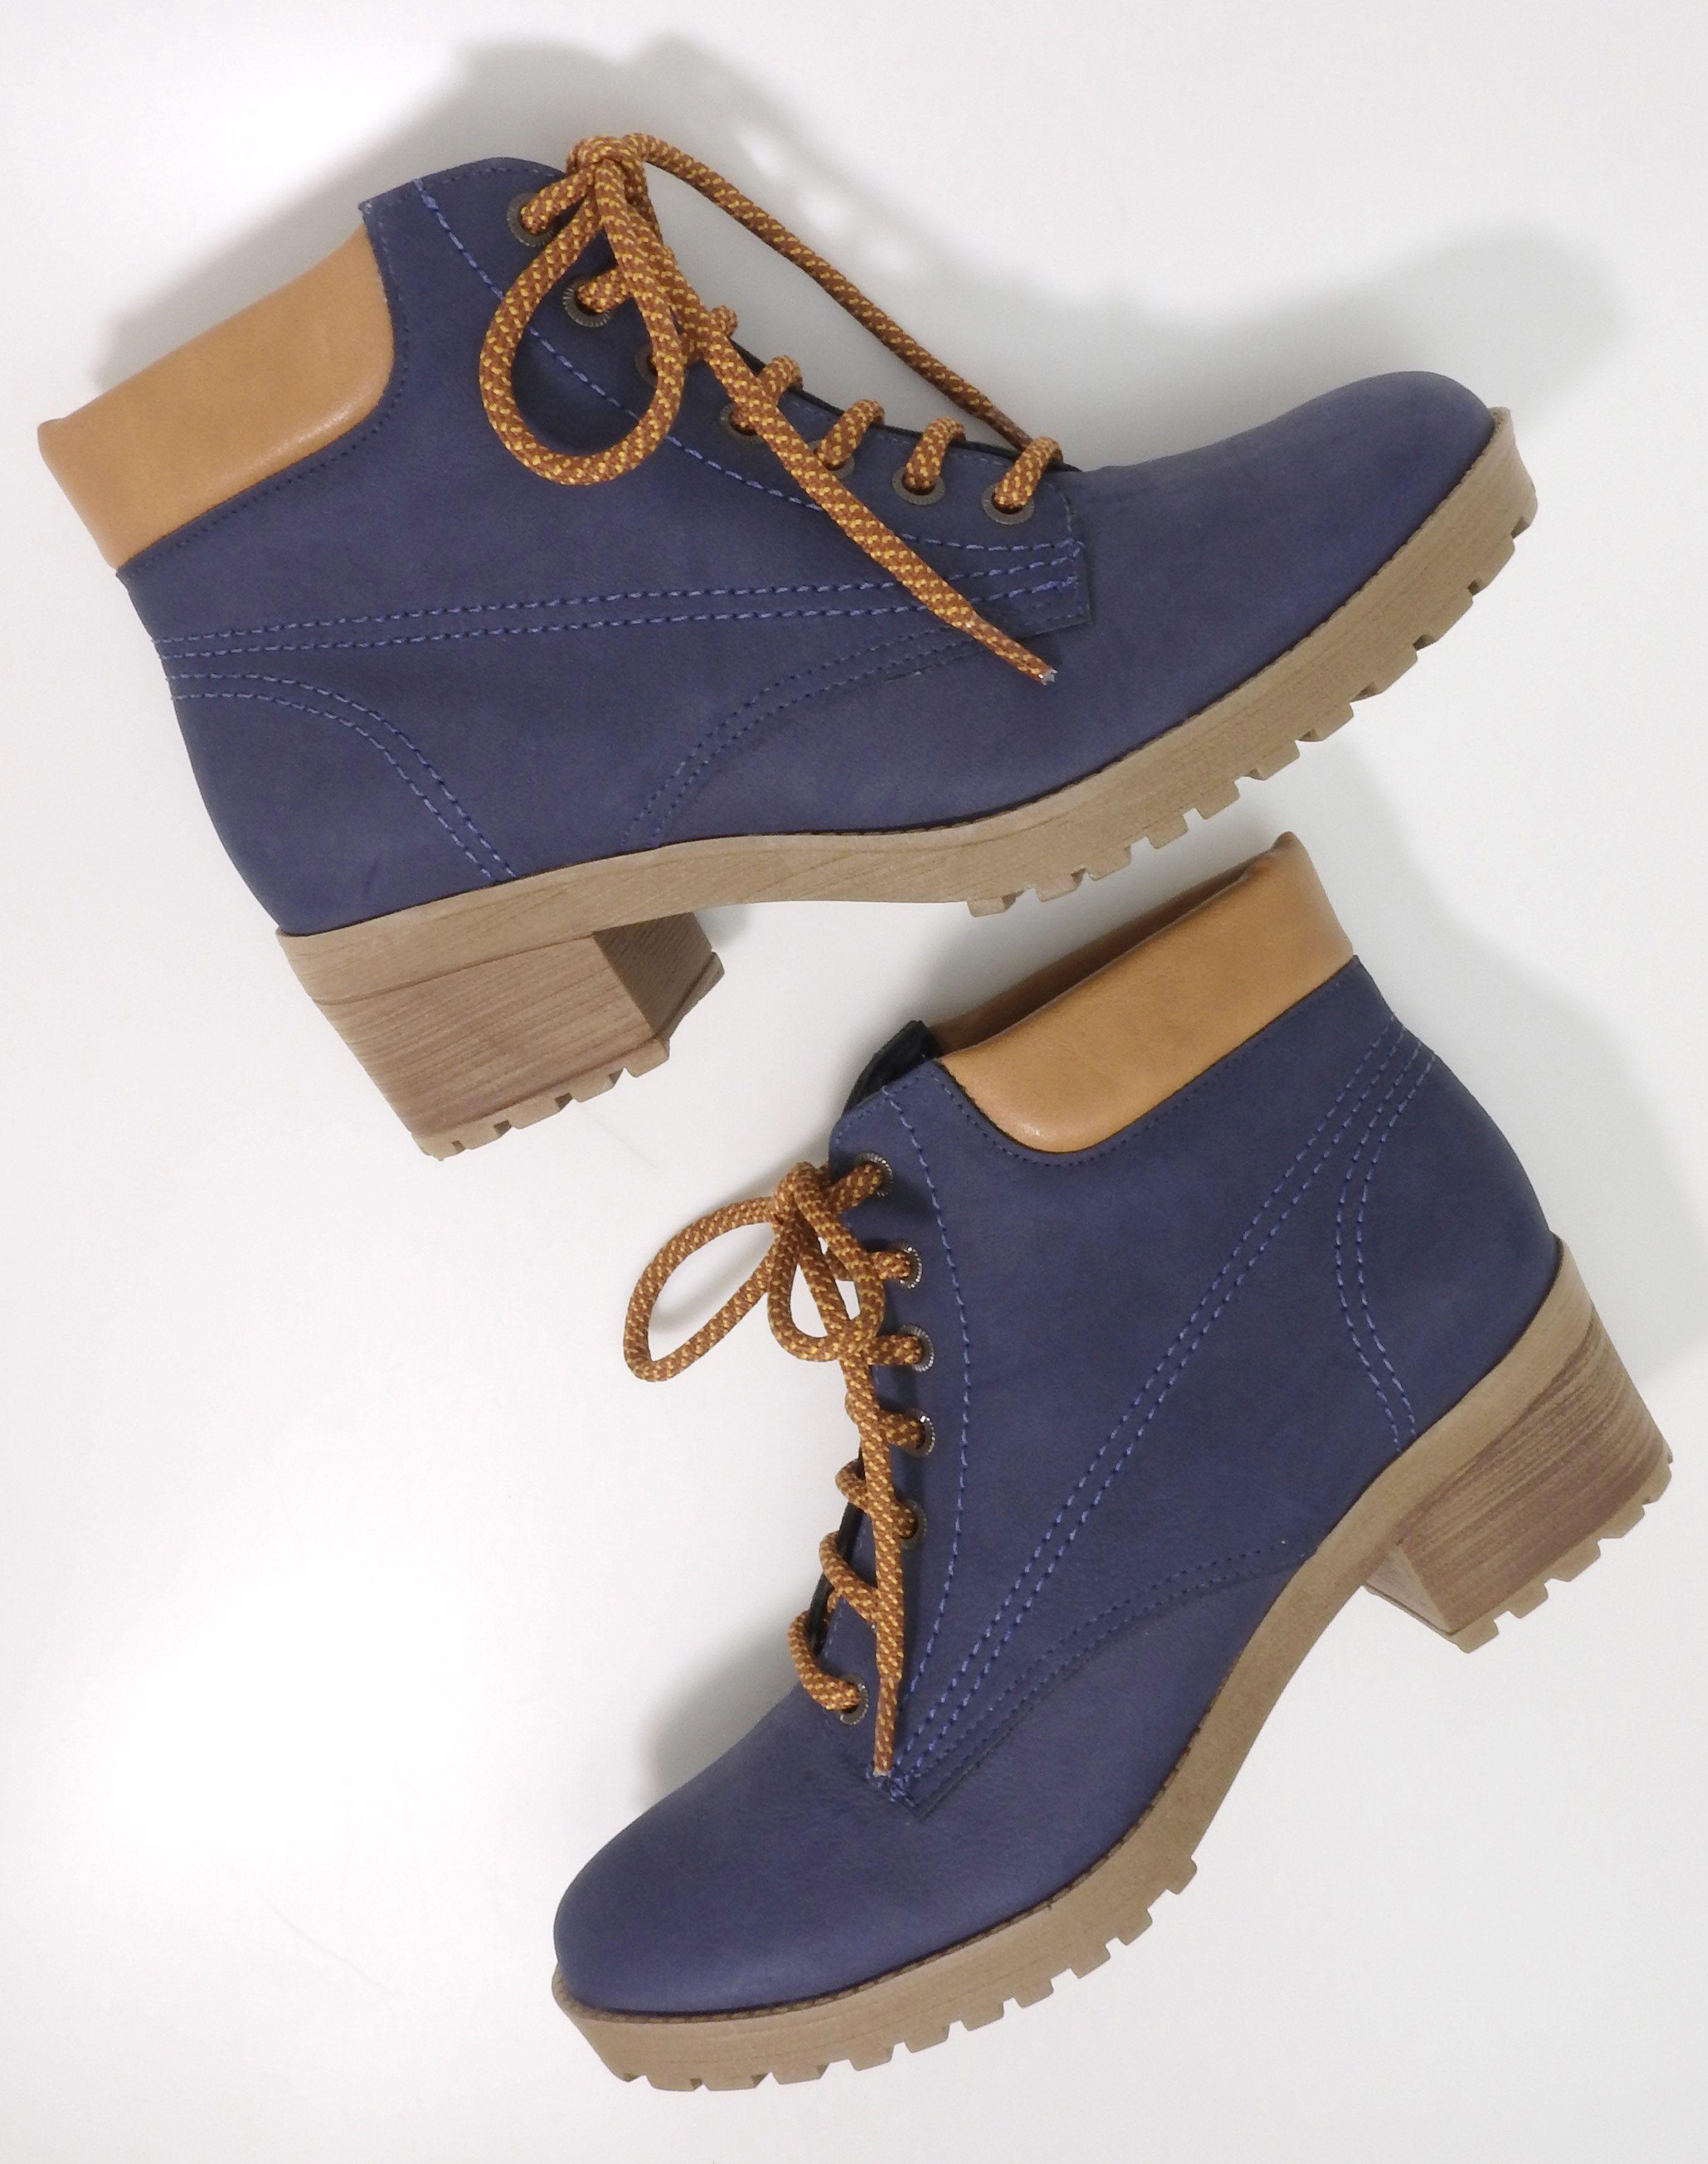 6433175938 boots - coturno - bota de cano curto - Inverno 2016 - Ref. 16-4907 ...